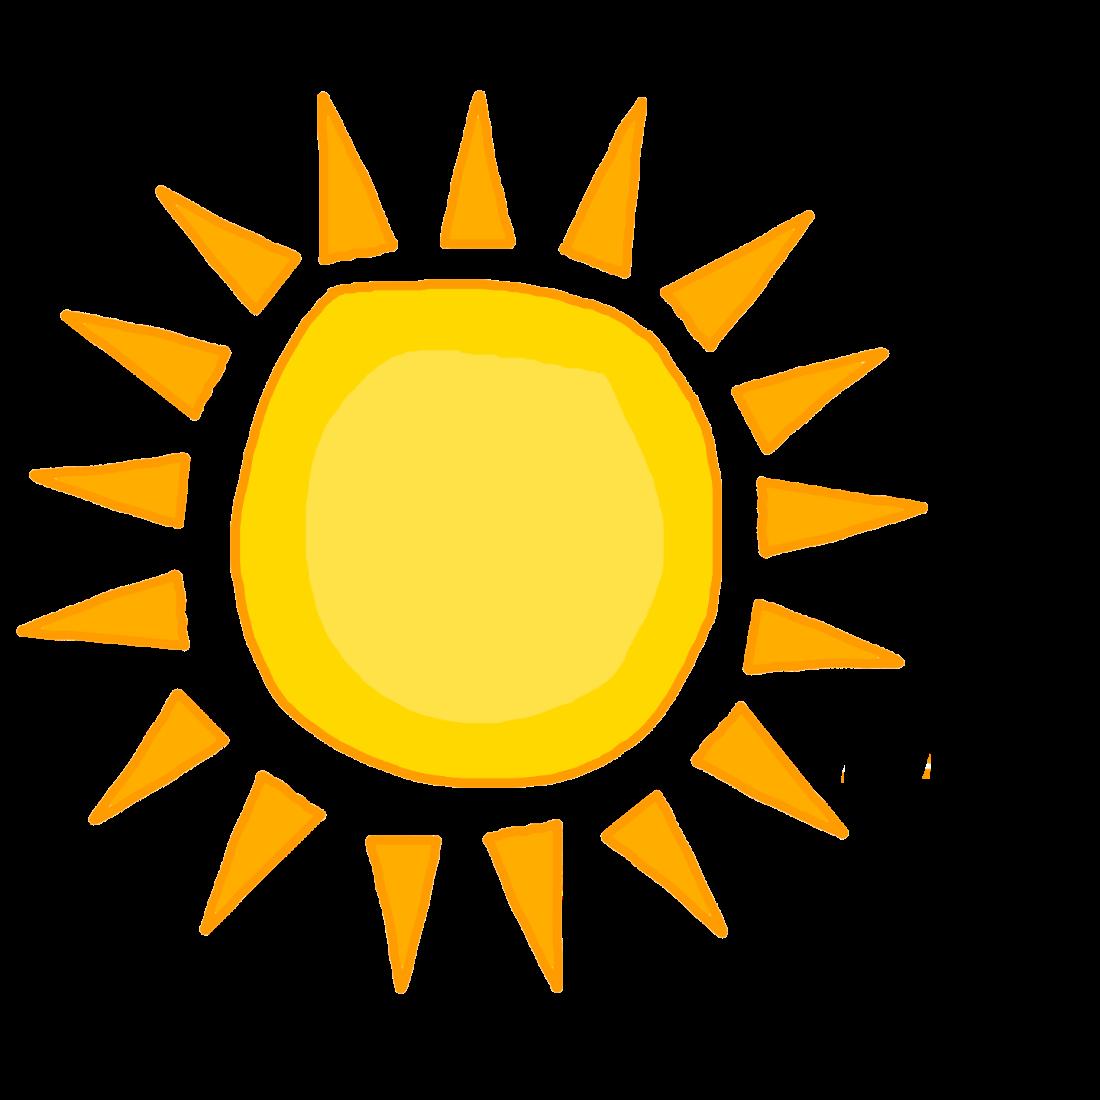 a cartoon sun